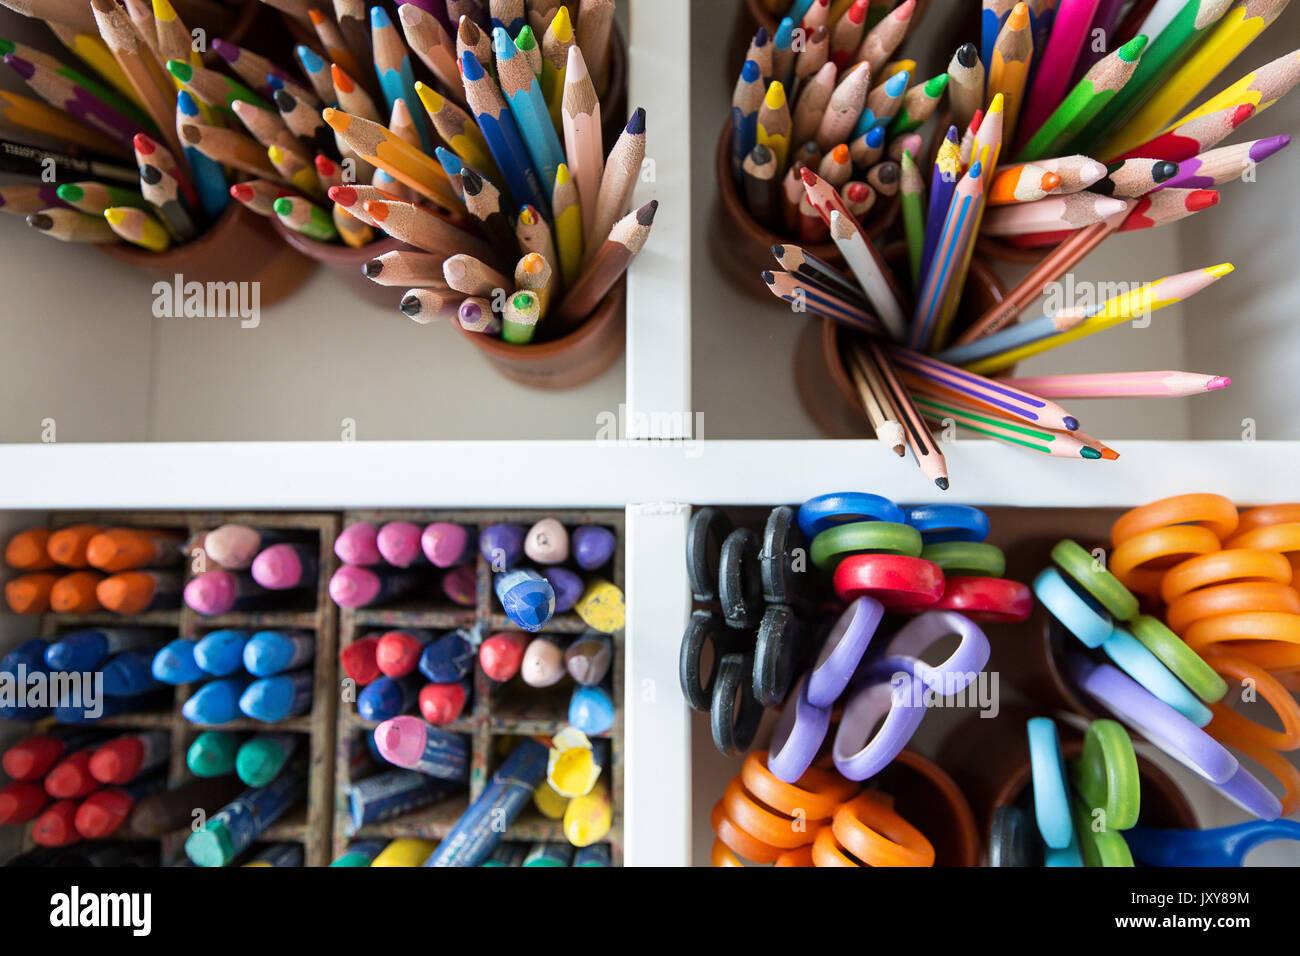 L'enseignement primaire, élémentaire ou de l'école maternelle. Crayons de couleur, pastel et des ciseaux dans une pièce de mobilier blanc Banque D'Images